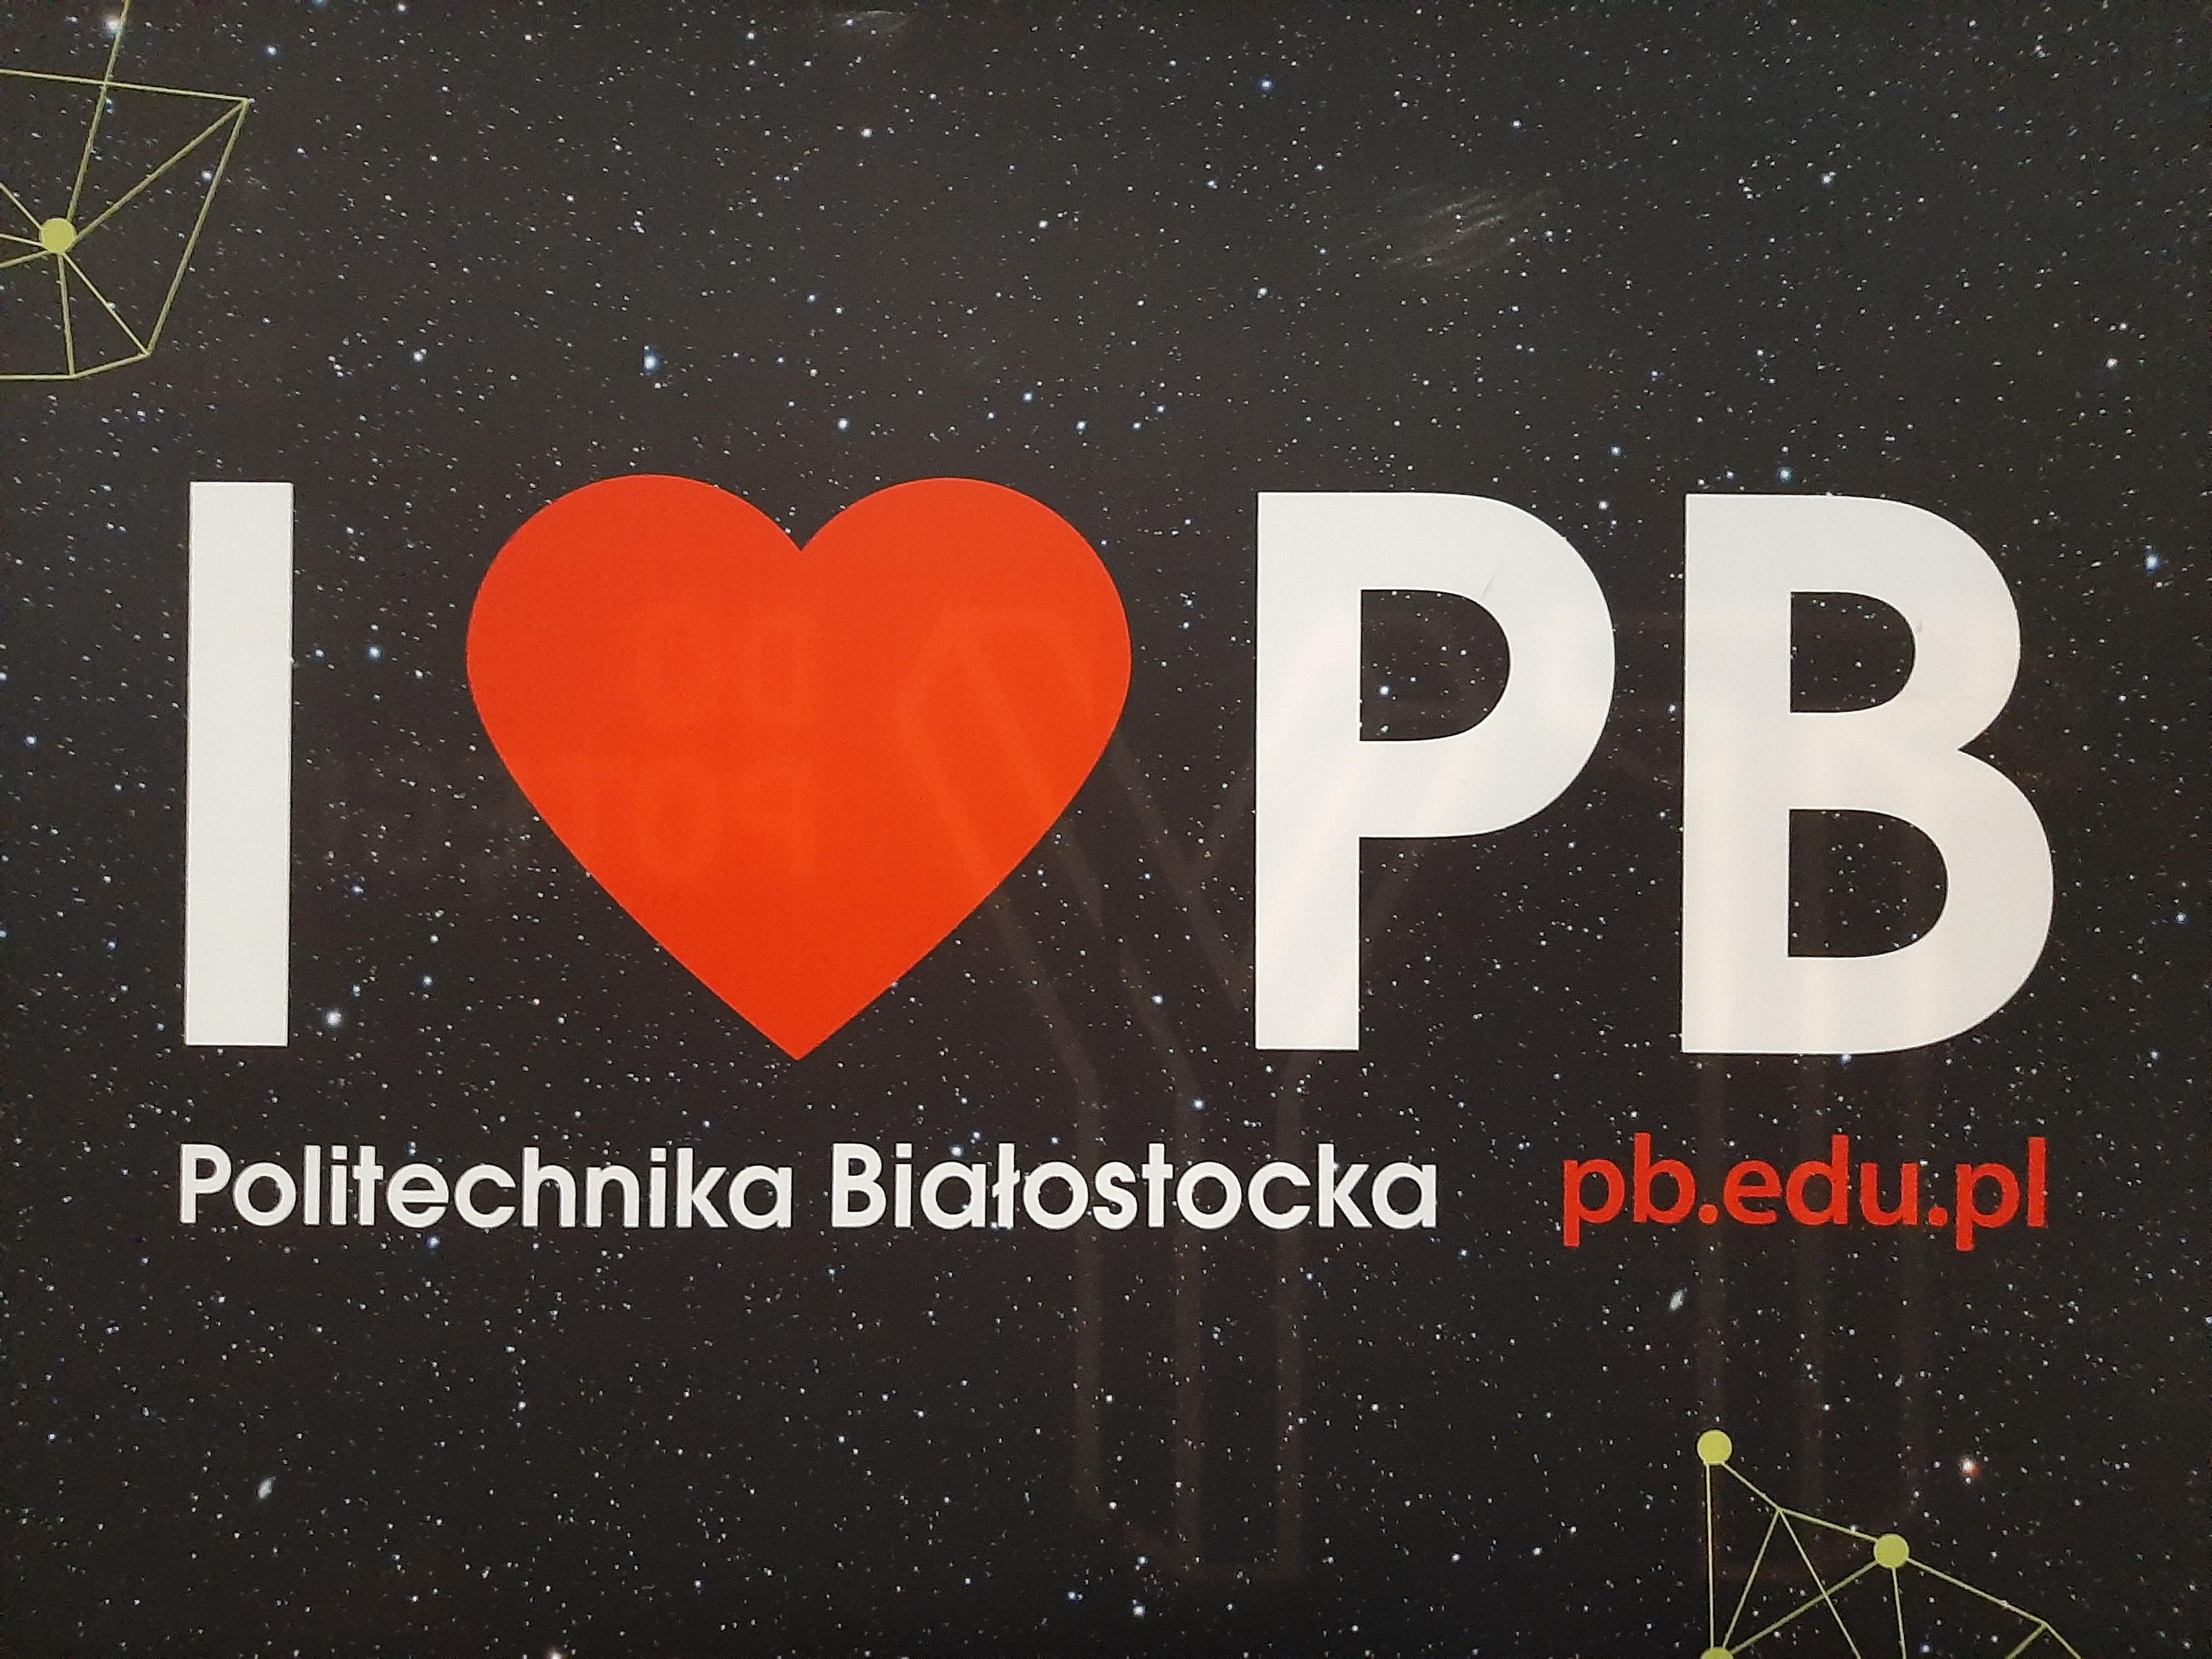 Plakat reklamowy Politechniki Białostockiej z napisem I Love PB